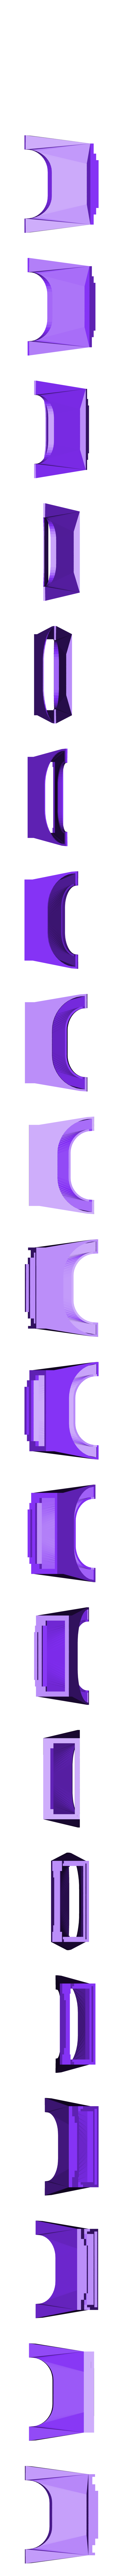 Nozzle_A_DualHead_1.stl Télécharger fichier STL gratuit Zmorph 2.0 (S) Système de refroidissement • Modèle pour impression 3D, kpawel